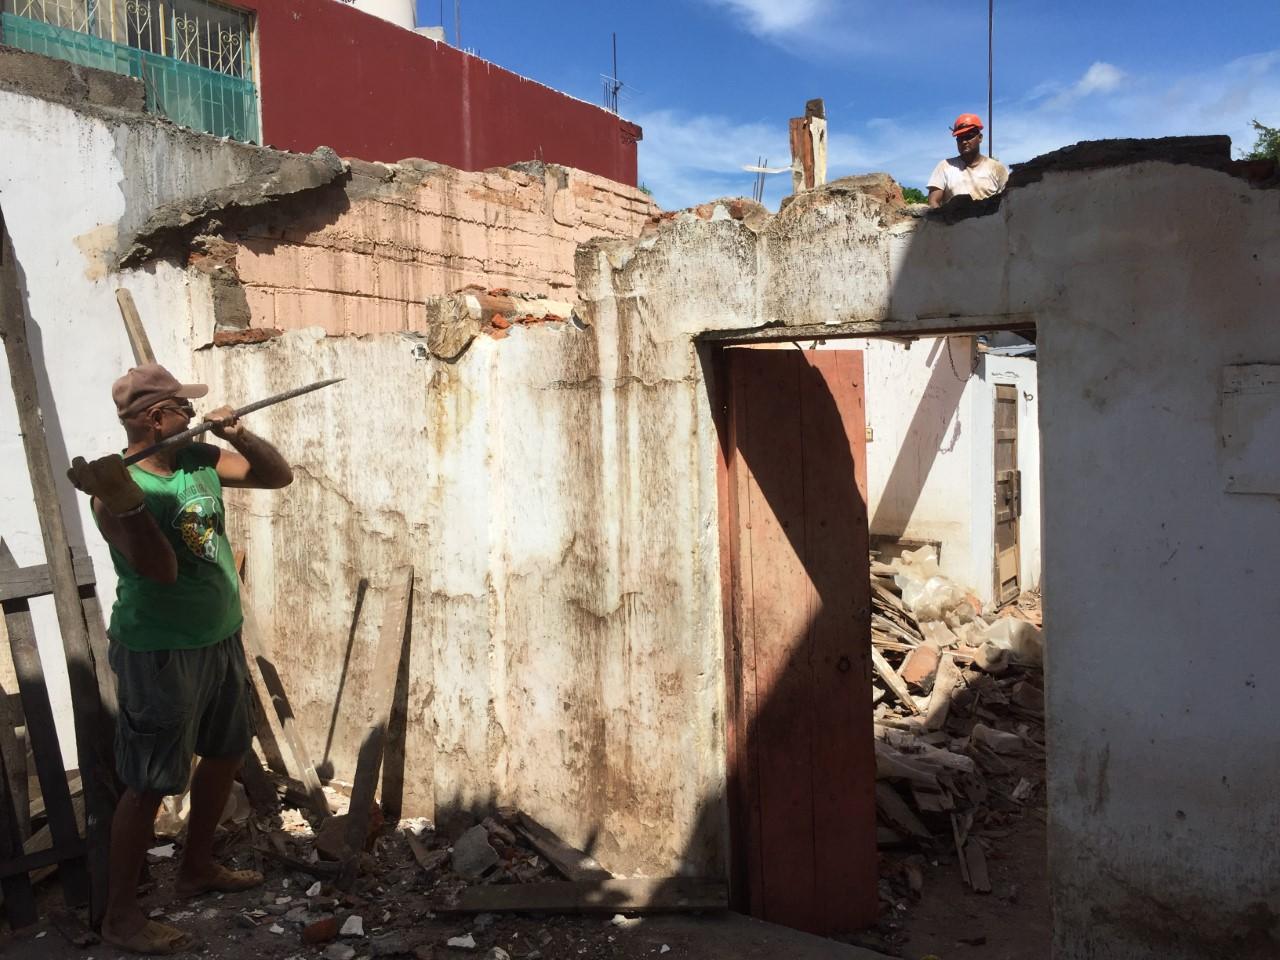 El mantenimiento de la imagen urbana tradicional, pero ahora con una mejor edificación es parte central de la autoconstrucción oaxaqueña